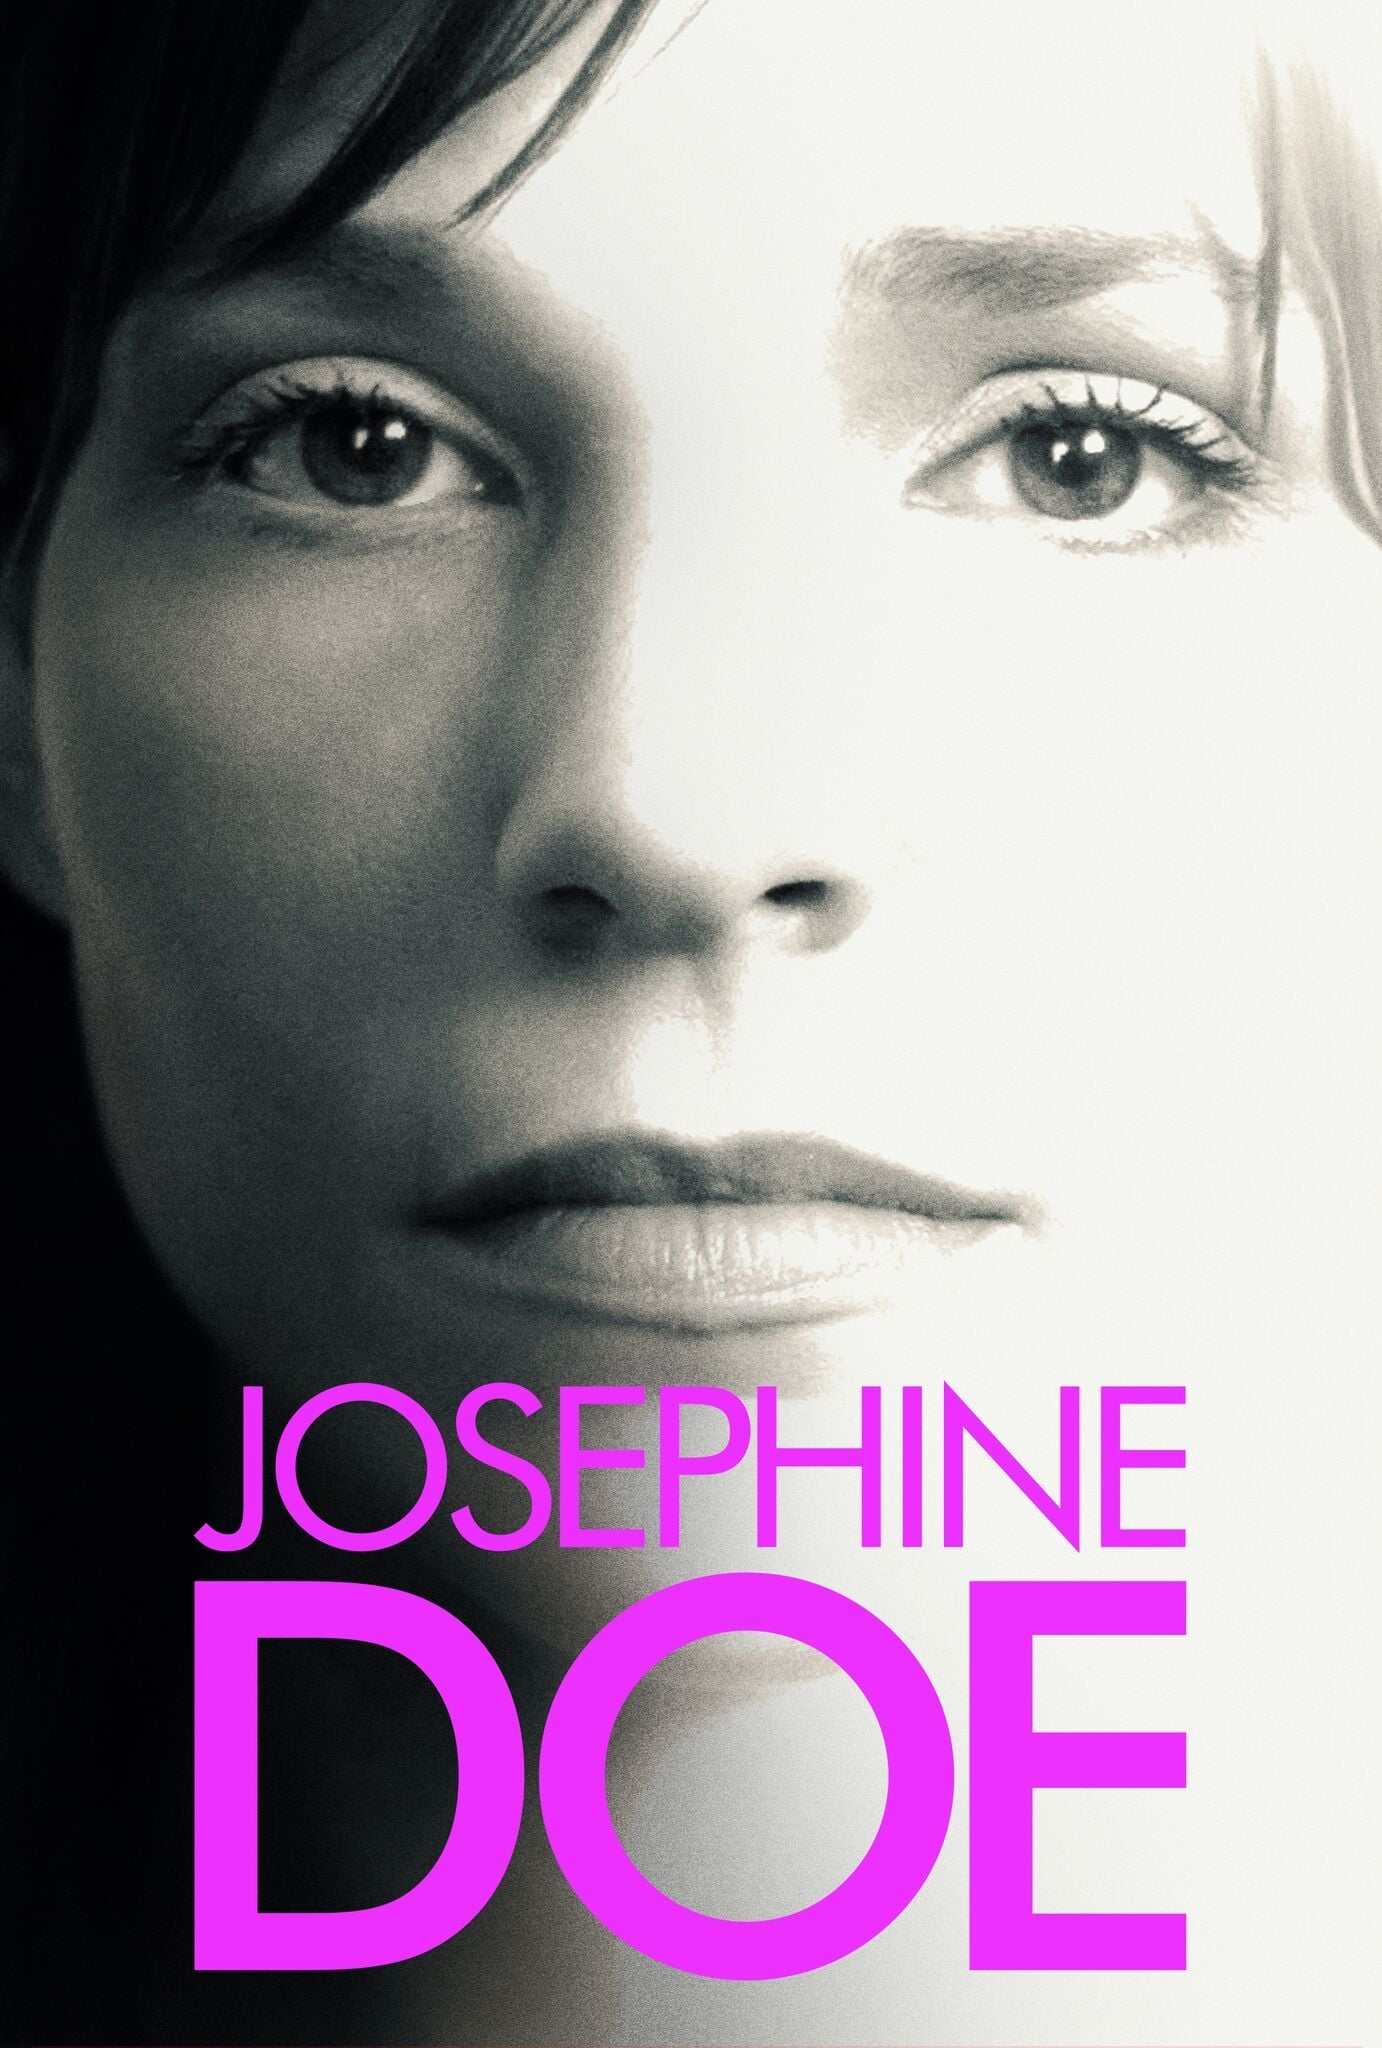 Josephine Doe